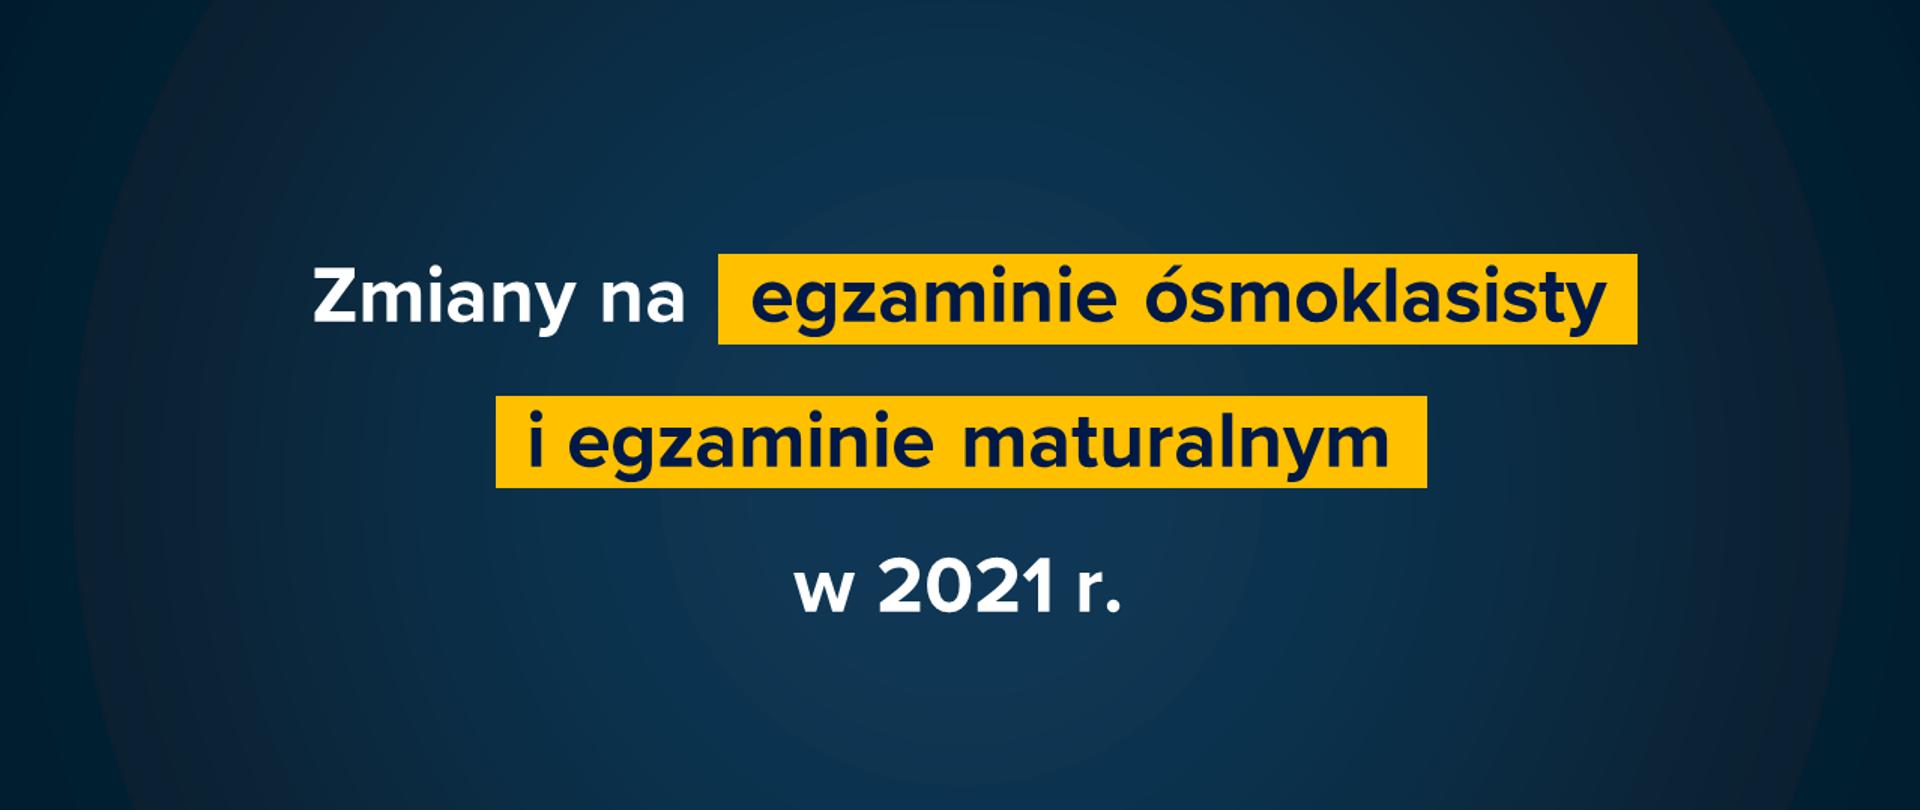 """Granatowa grafika ztekstem: """"Zmiany naegzaminie ósmoklasisty iegzaminie maturalnym w2021r."""""""